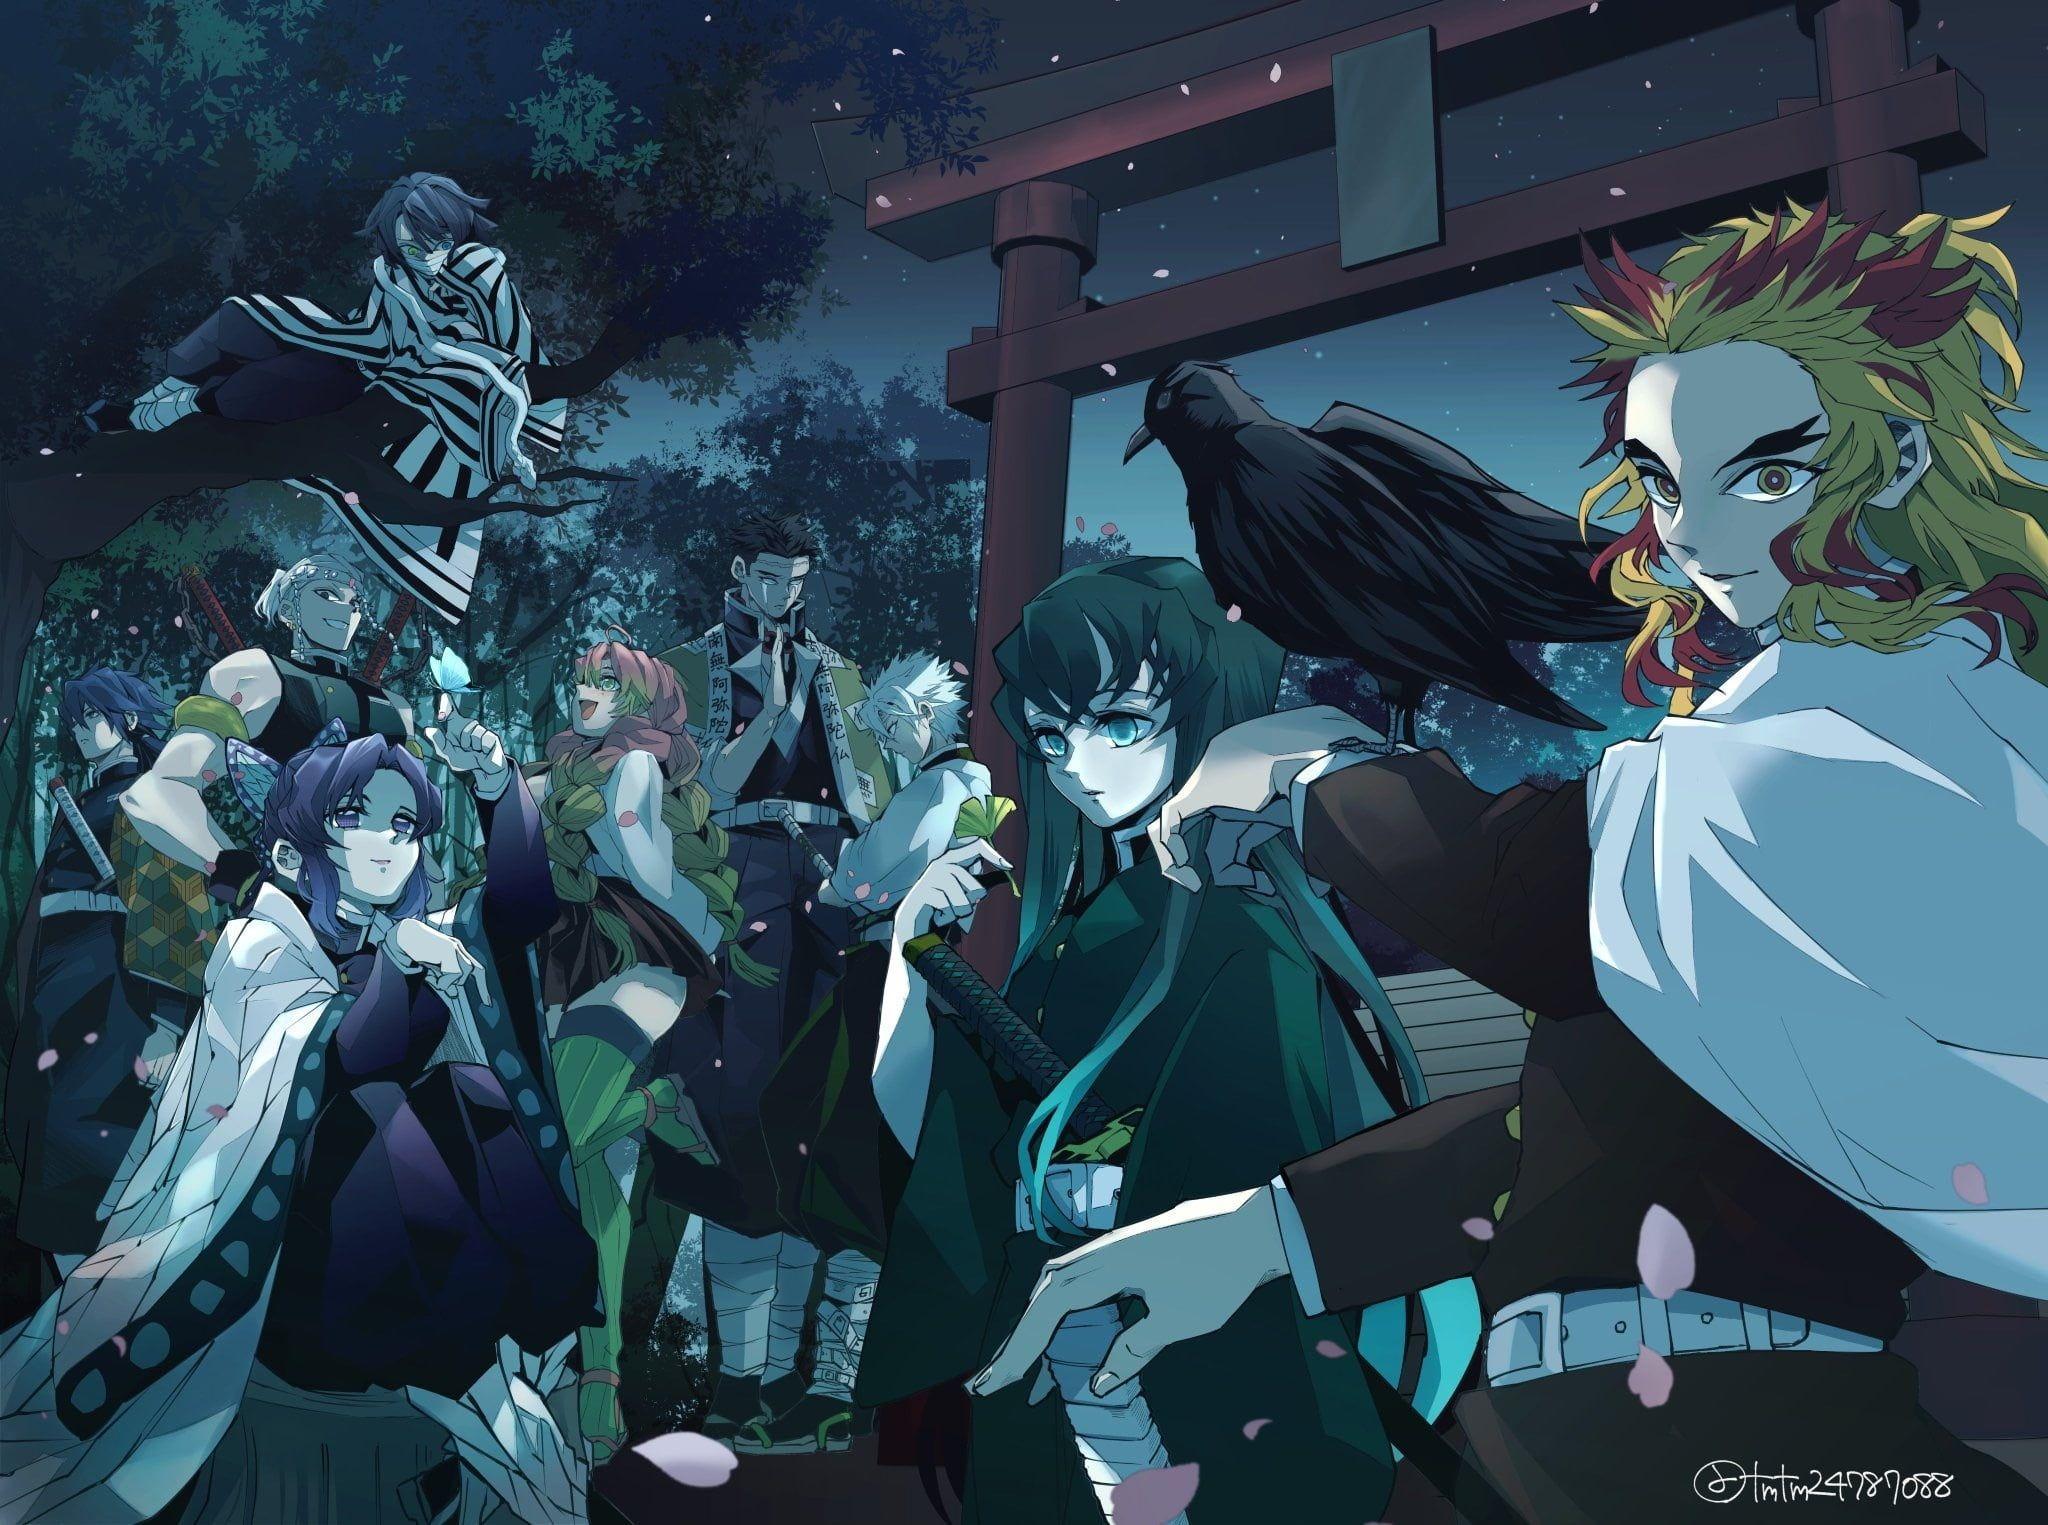 Anime Demon Slayer Kimetsu No Yaiba Giyuu Tomioka Gyomei Himejima Kyojuro Rengoku Mitsuri Kanroji Muichiro Tokito Obanai Iguro Anime Demon Slayer Anime Anime Rengoku laughs while mitsuri giggles. anime demon slayer kimetsu no yaiba